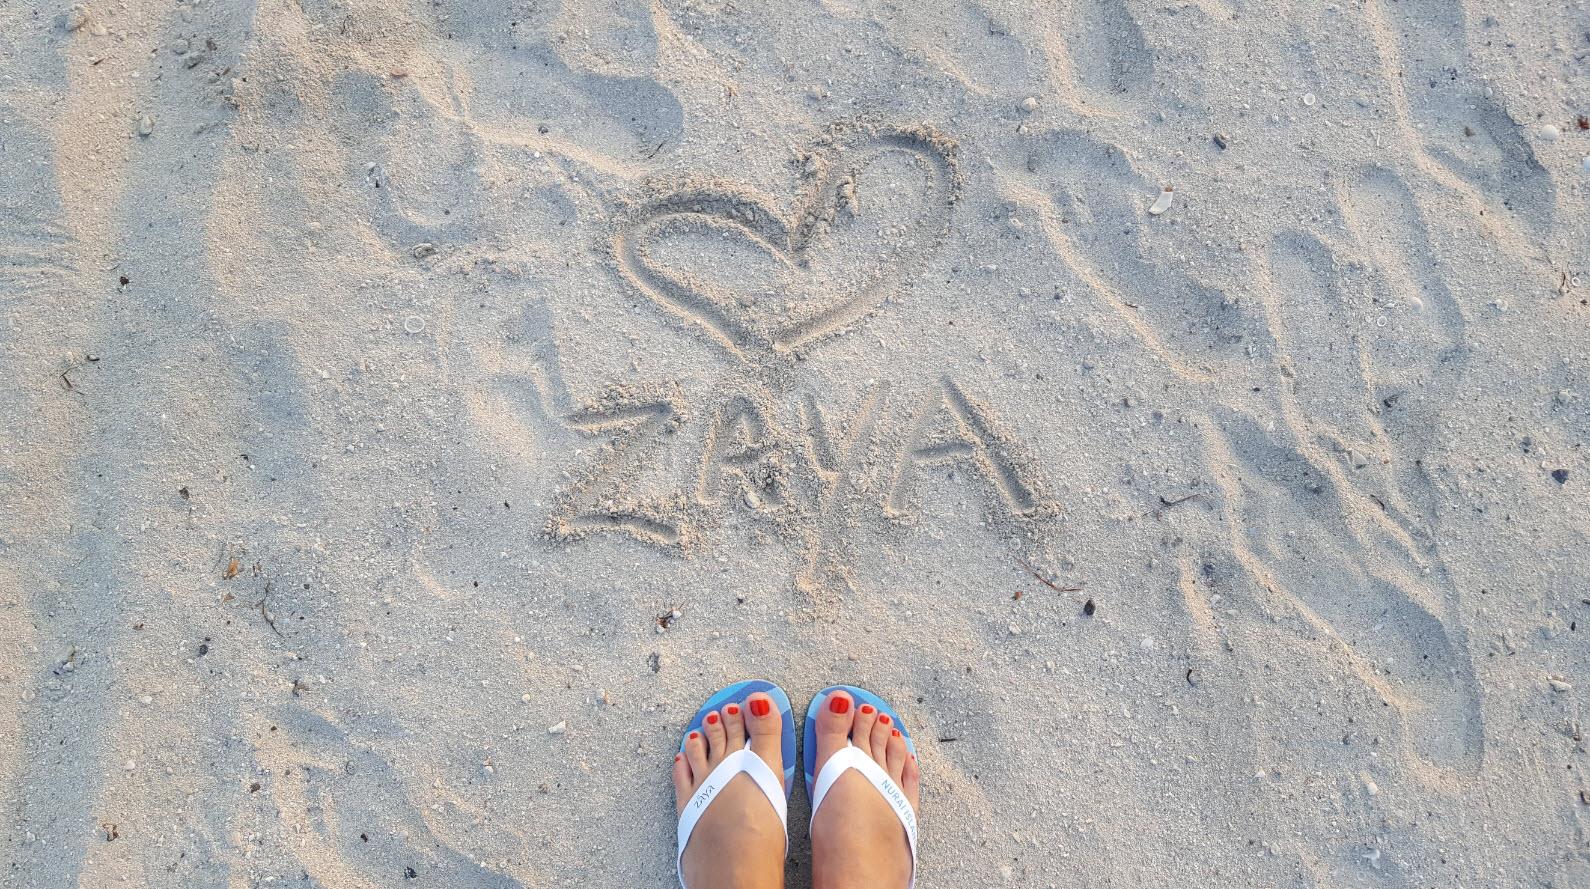 In love with Zaya Nurai Island